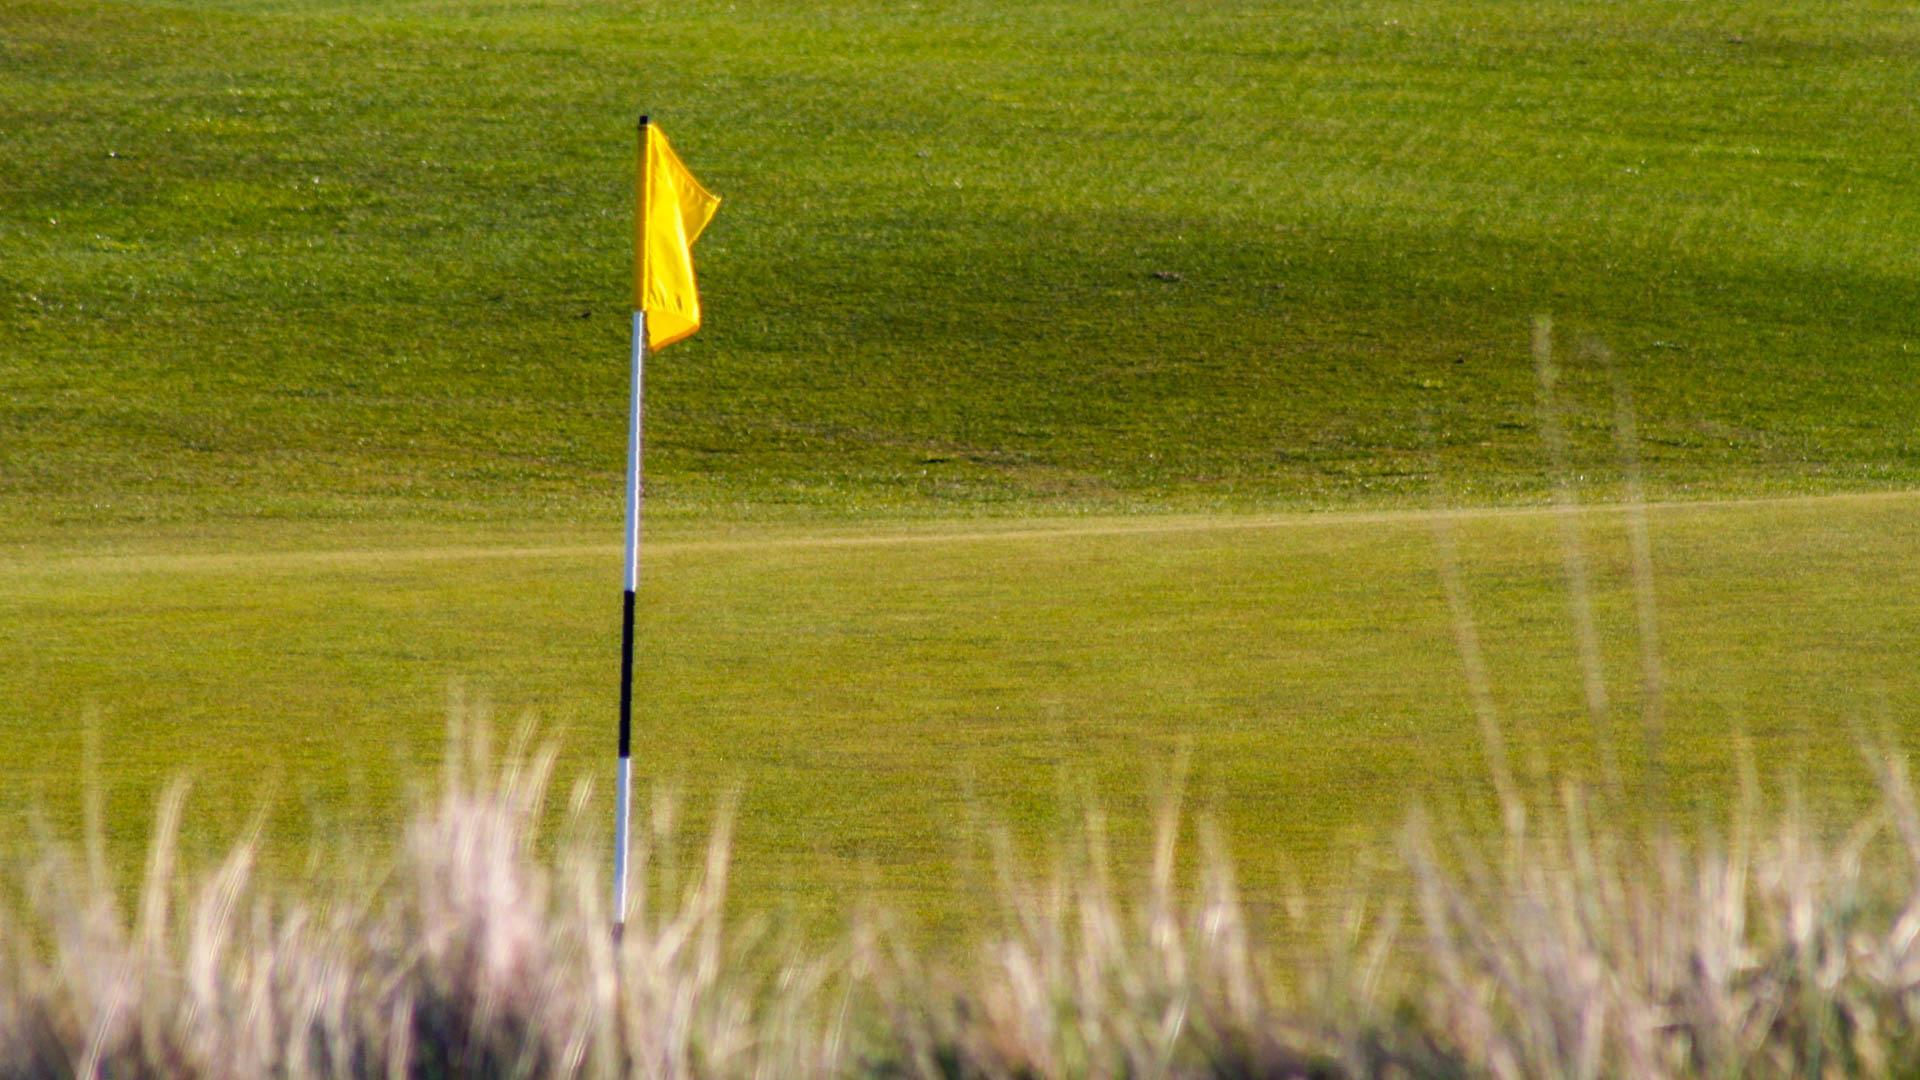 Golf Professionals